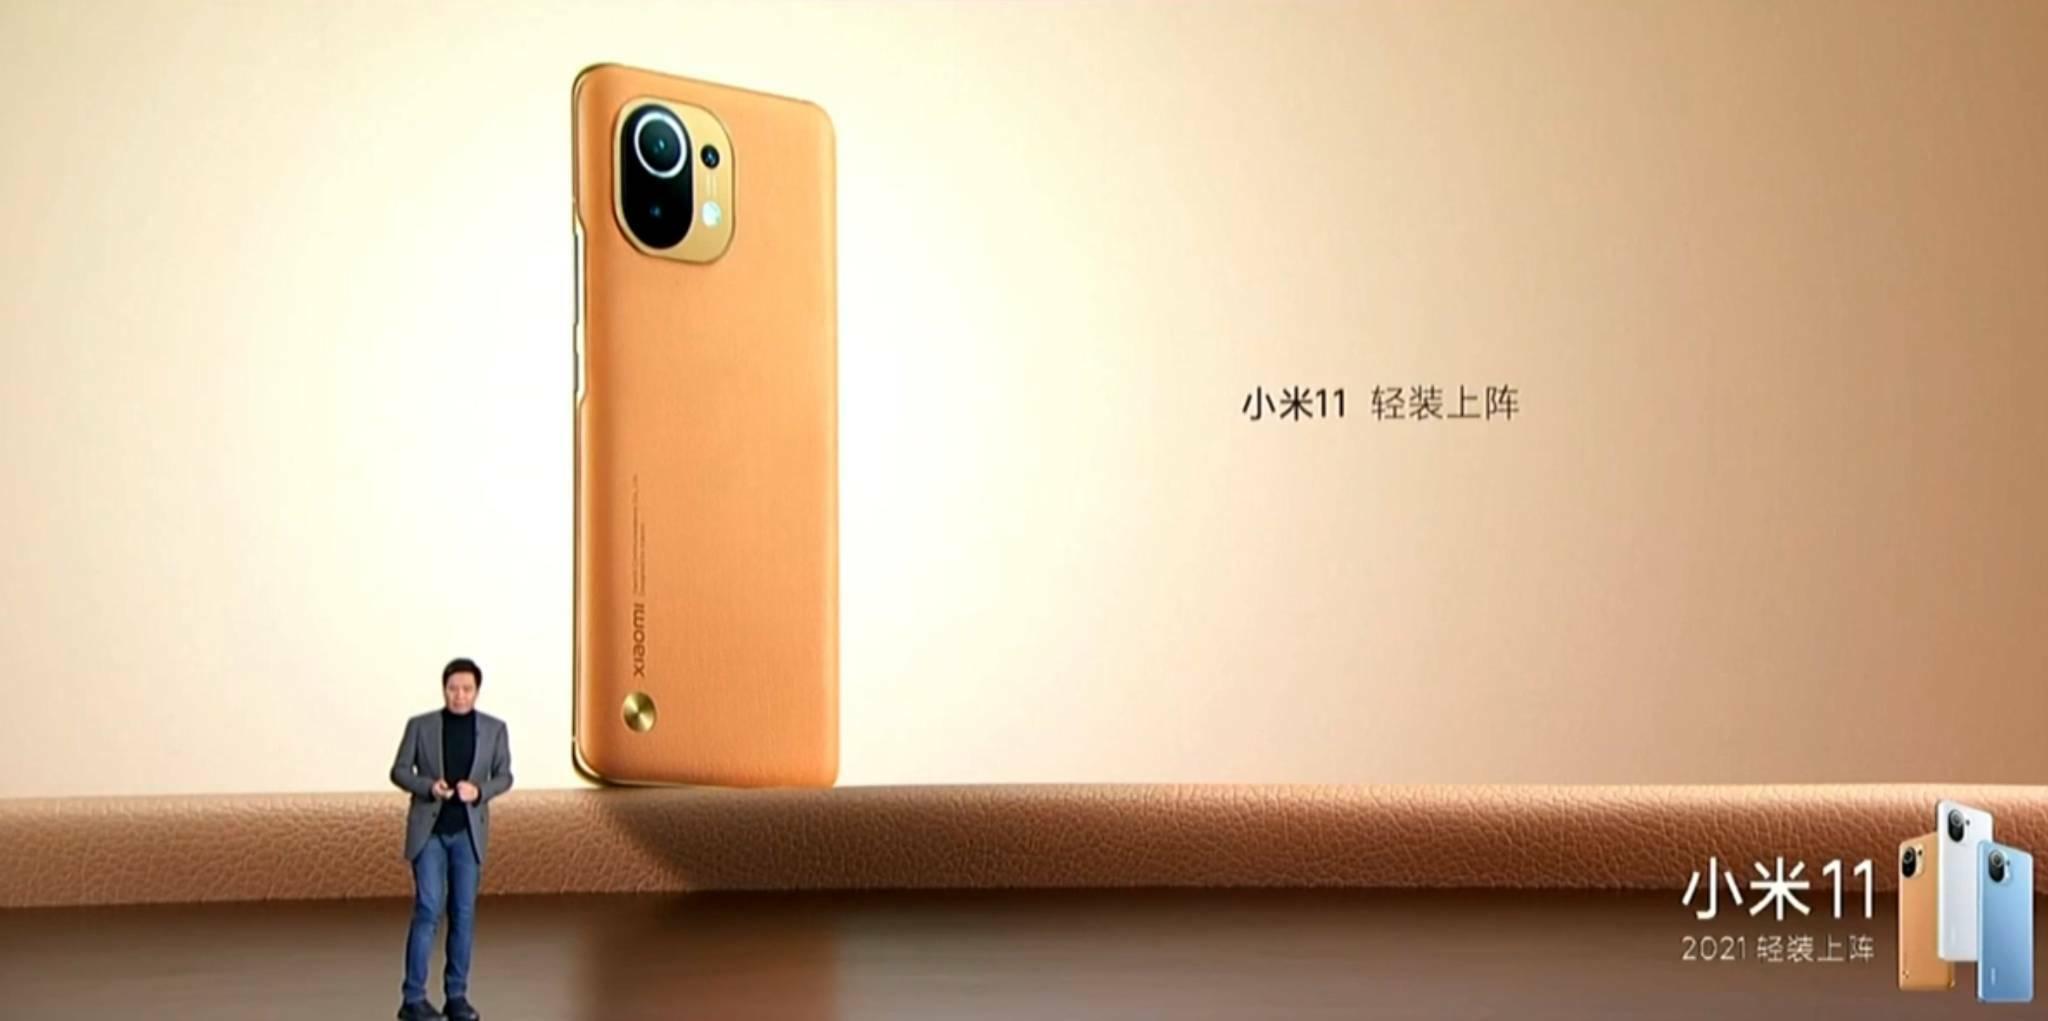 Xiaomi Mi 11 laucnh event china